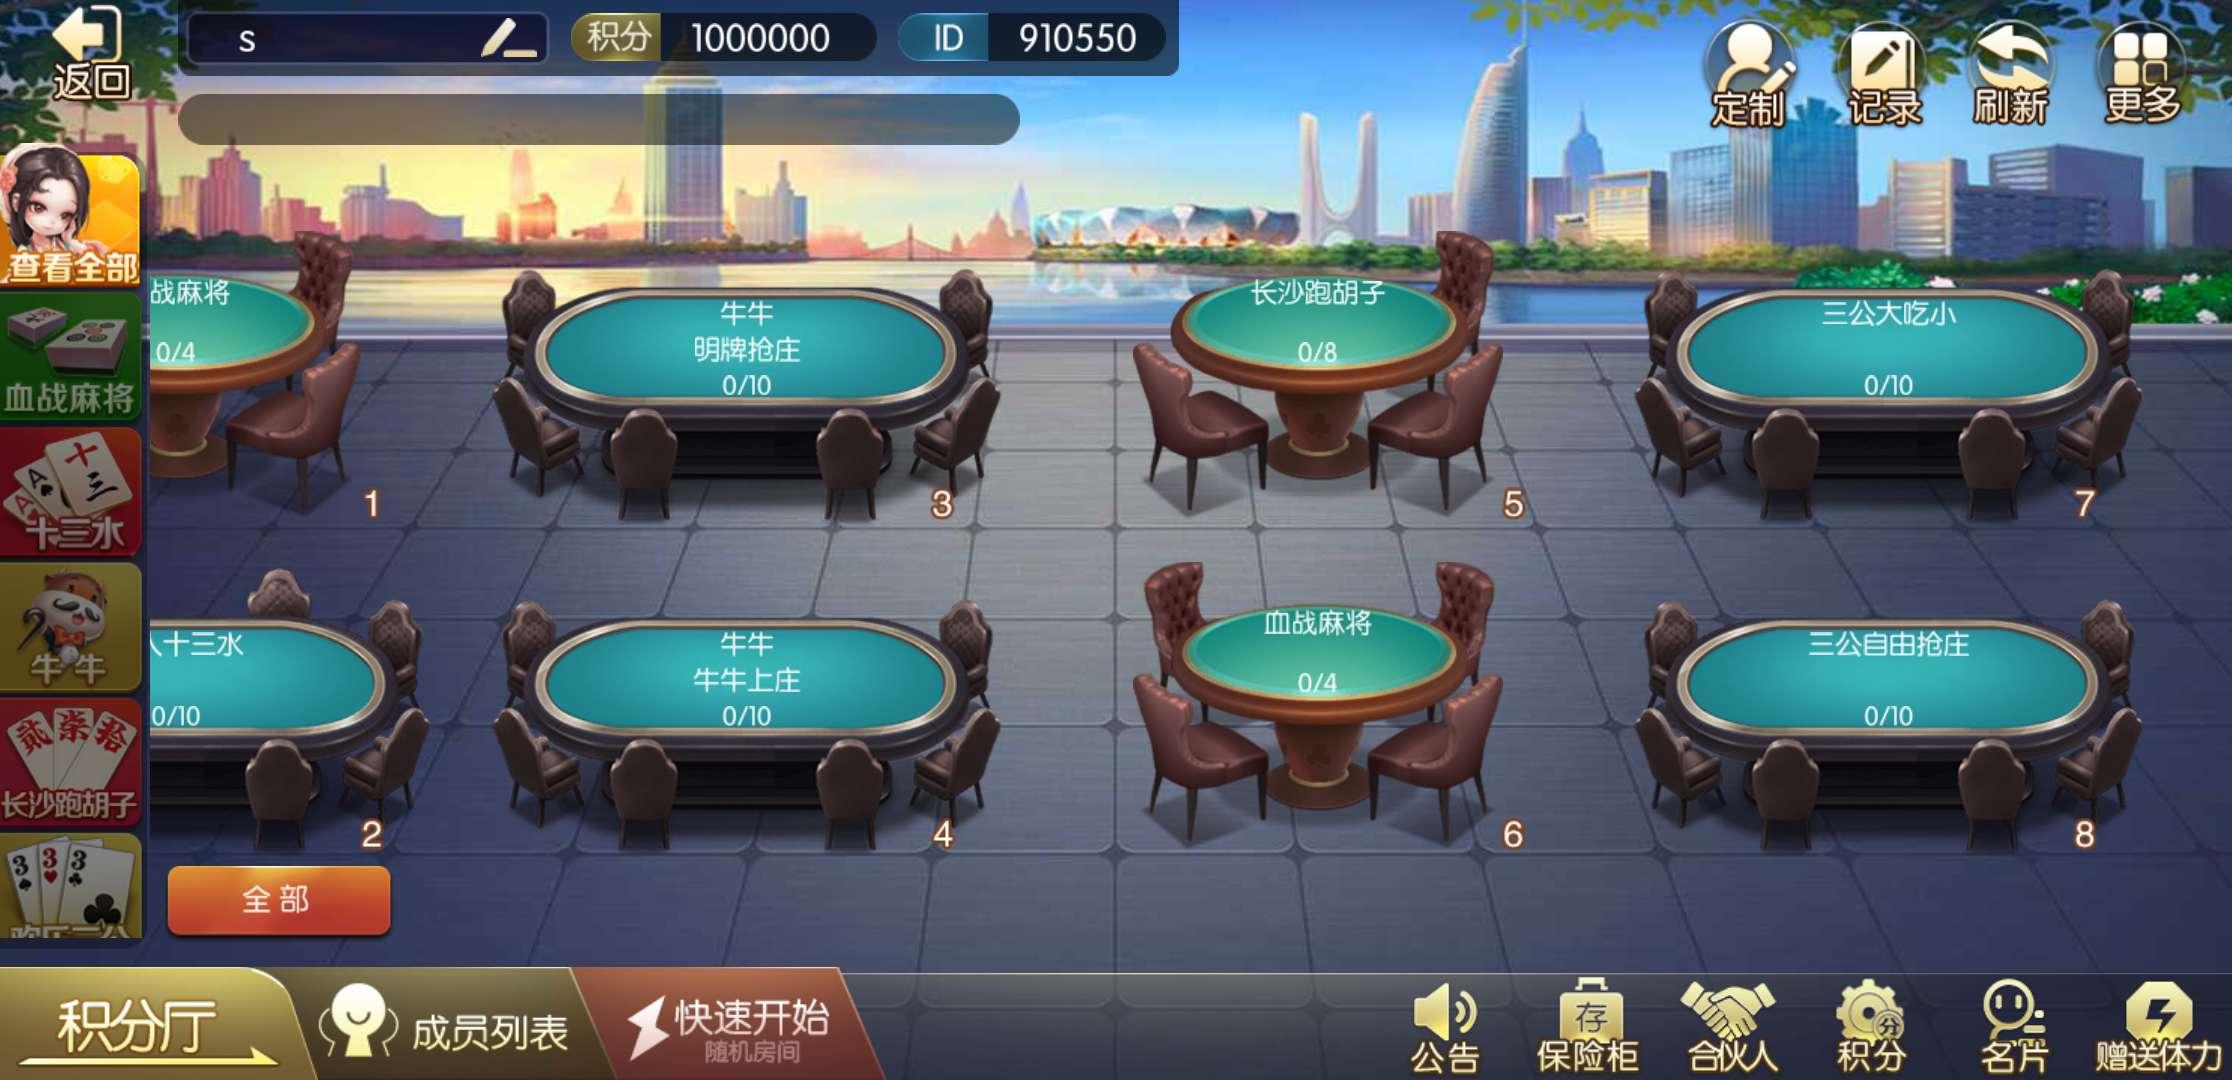 棋盘游戏定制,房卡游戏开发